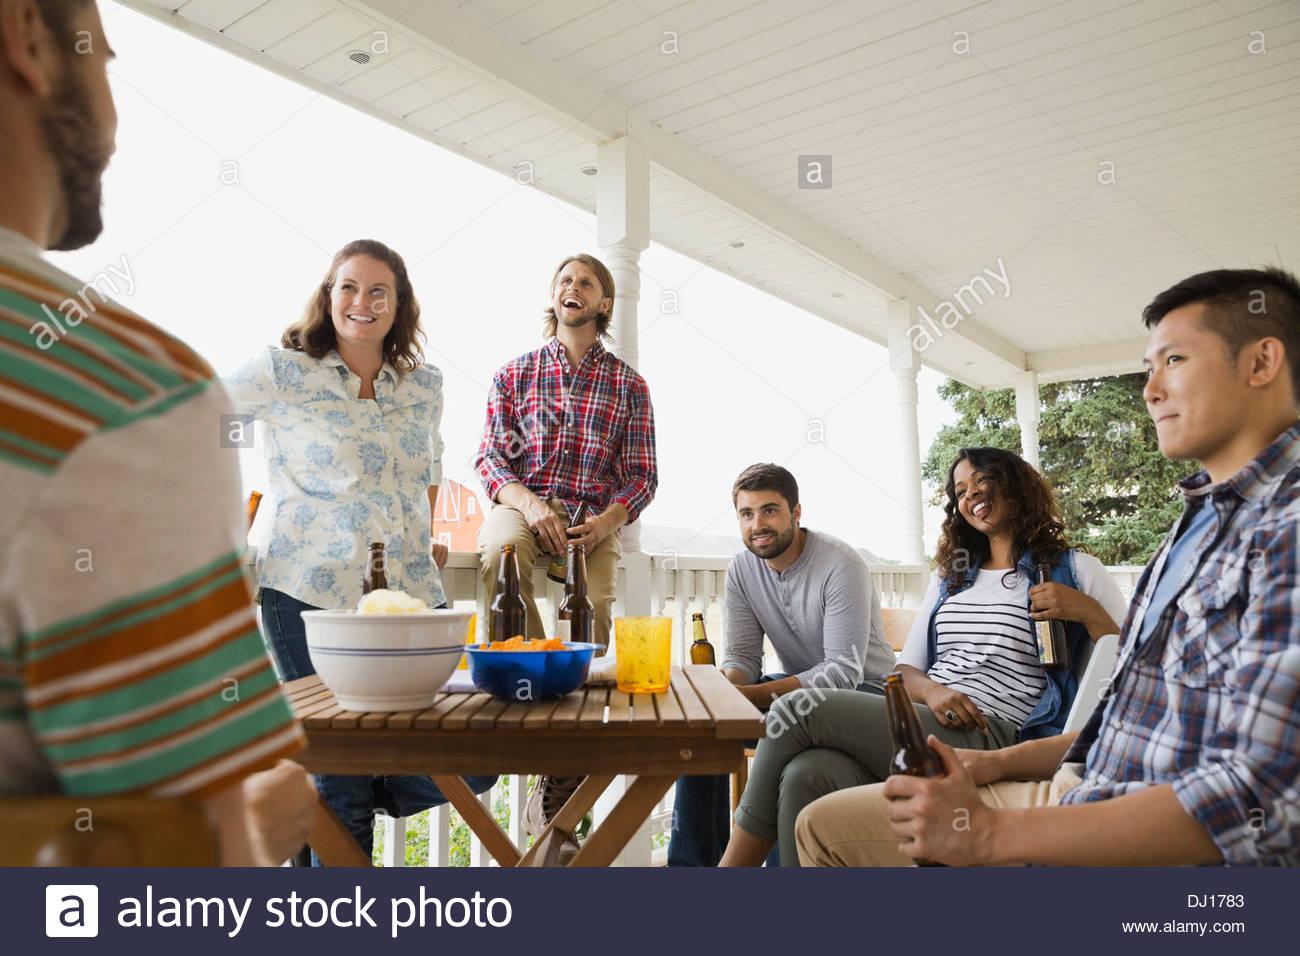 Multietnica gli amici sorseggiando un drink sul portico Immagini Stock